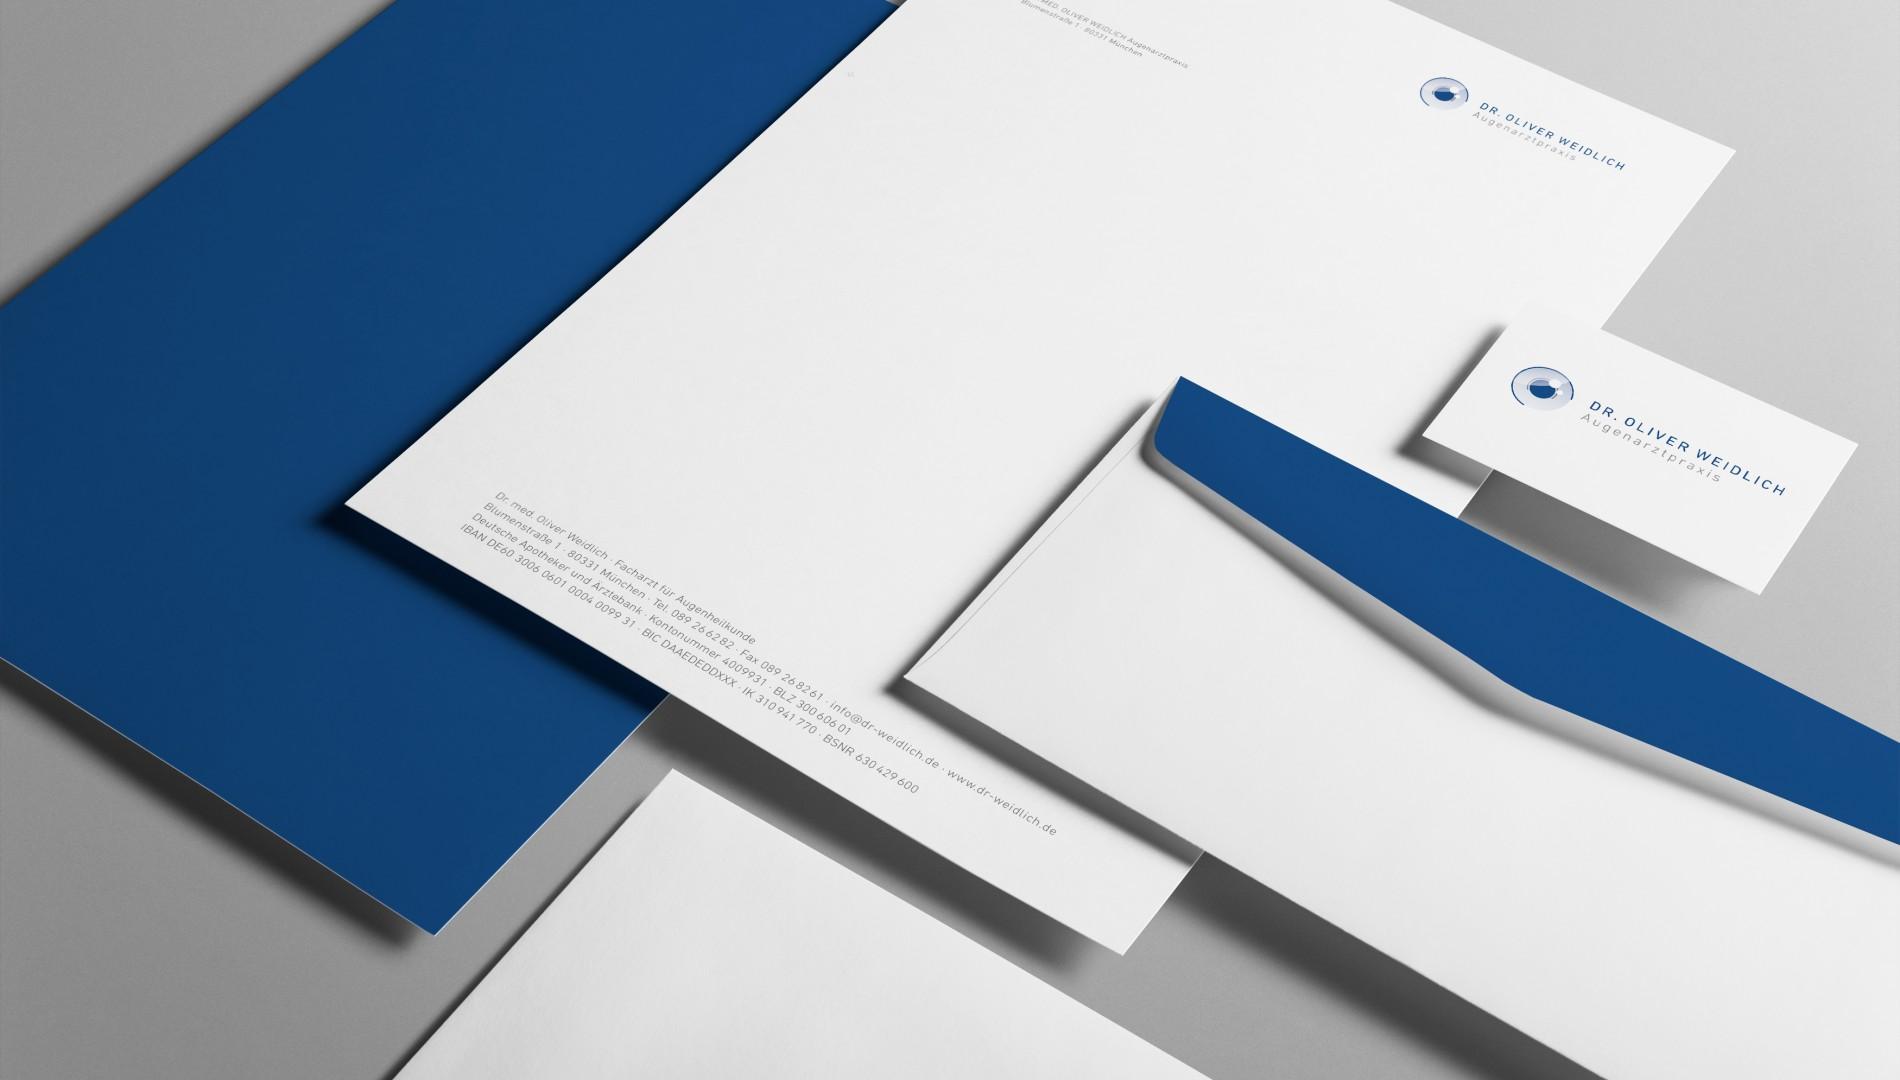 Corporate Design mit Geschäftsausstattung für die Augenarztpraxis Dr. Oliver Weidlich von der Designagentur das formt aus München